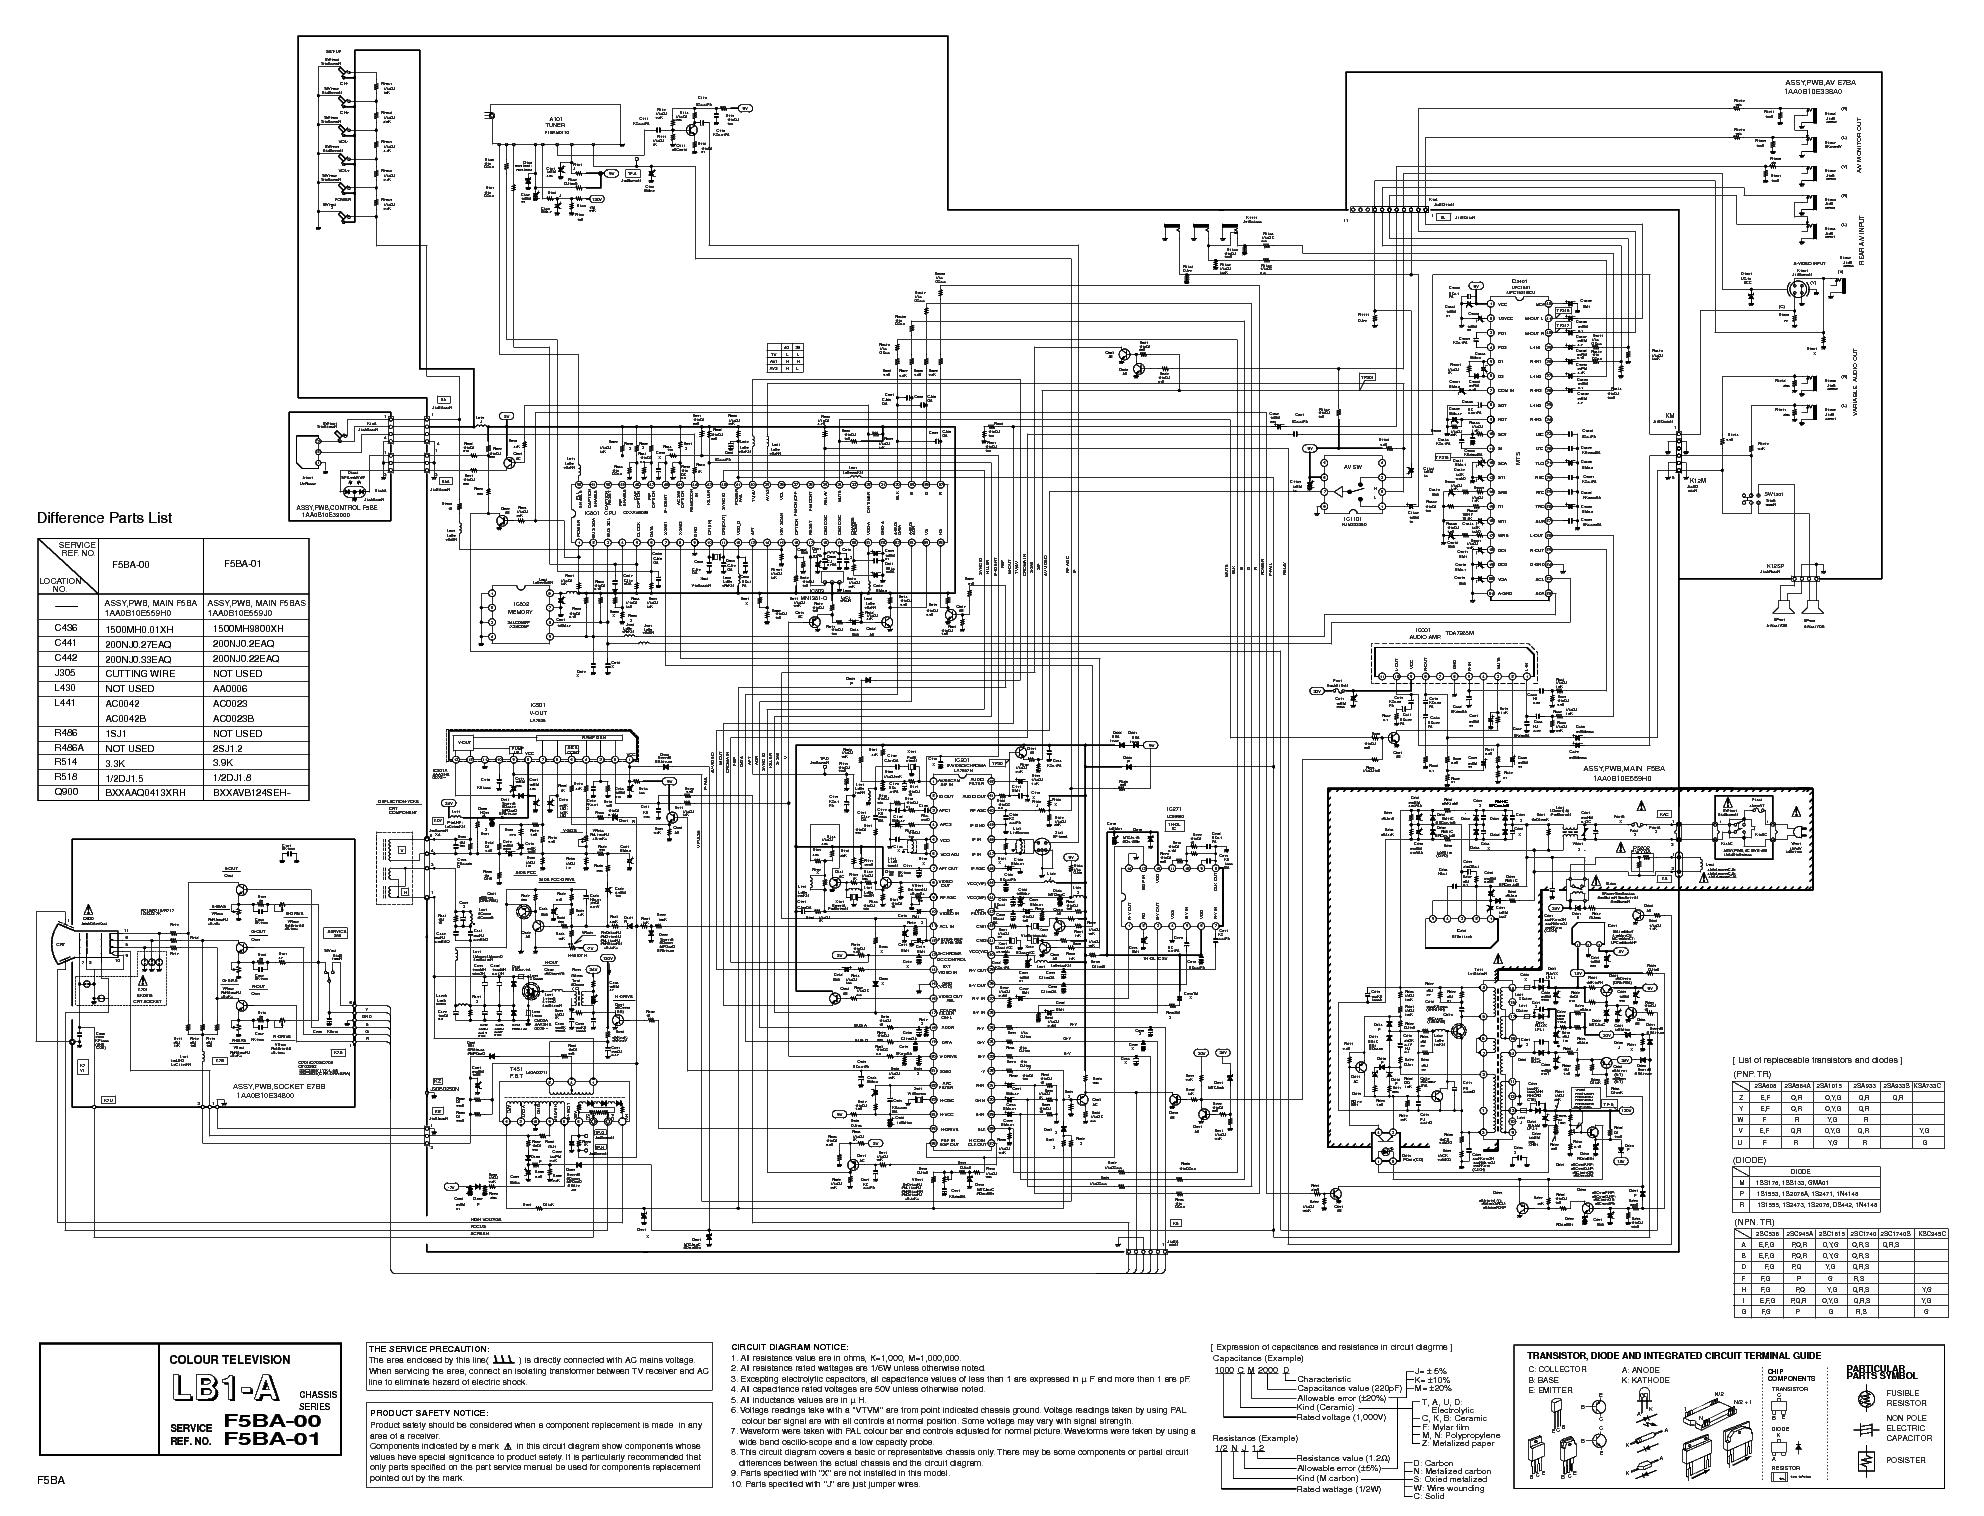 Sanyo Tv 46840 Wiring Diagram -Ge Unit Wiring Diagram | Begeboy Wiring  Diagram Source | Sanyo Tv 46840 Wiring Diagram |  | Begeboy Wiring Diagram Source